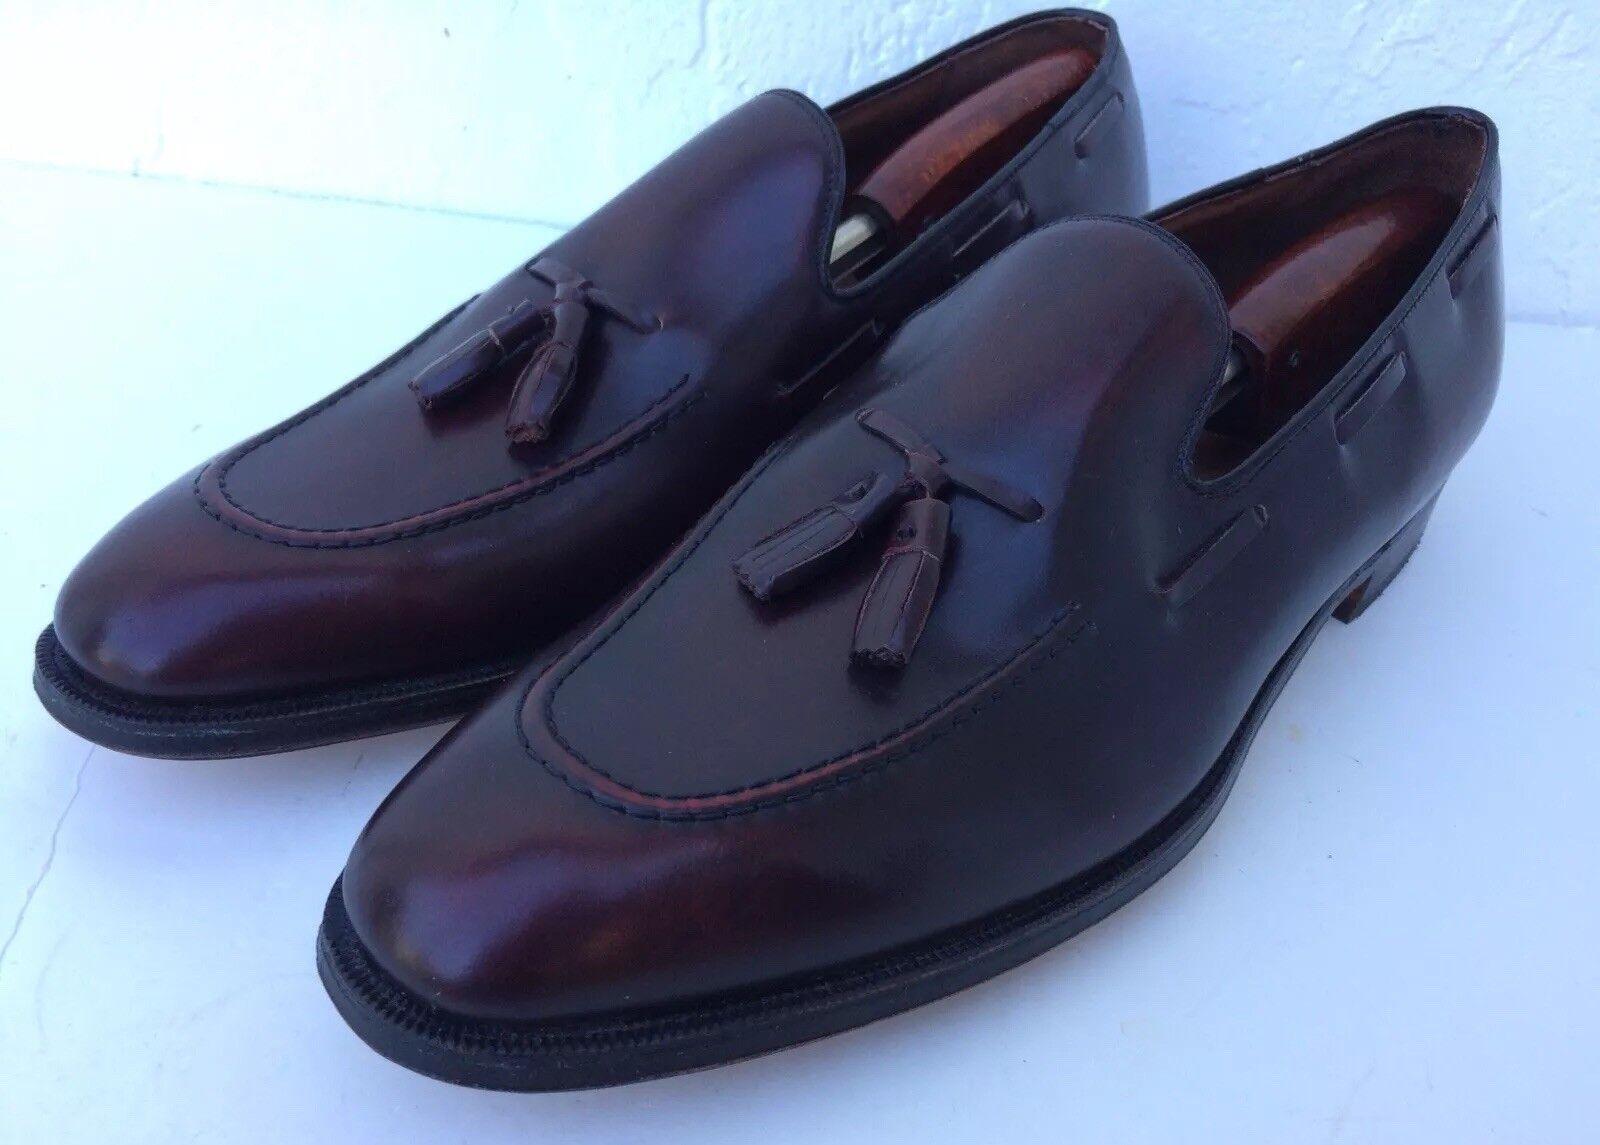 Herren Hanover Tassel Master Flex Tassel Hanover Slip On Loafers Burgundy Leder Größe 14 AAA EUC a7b8dc